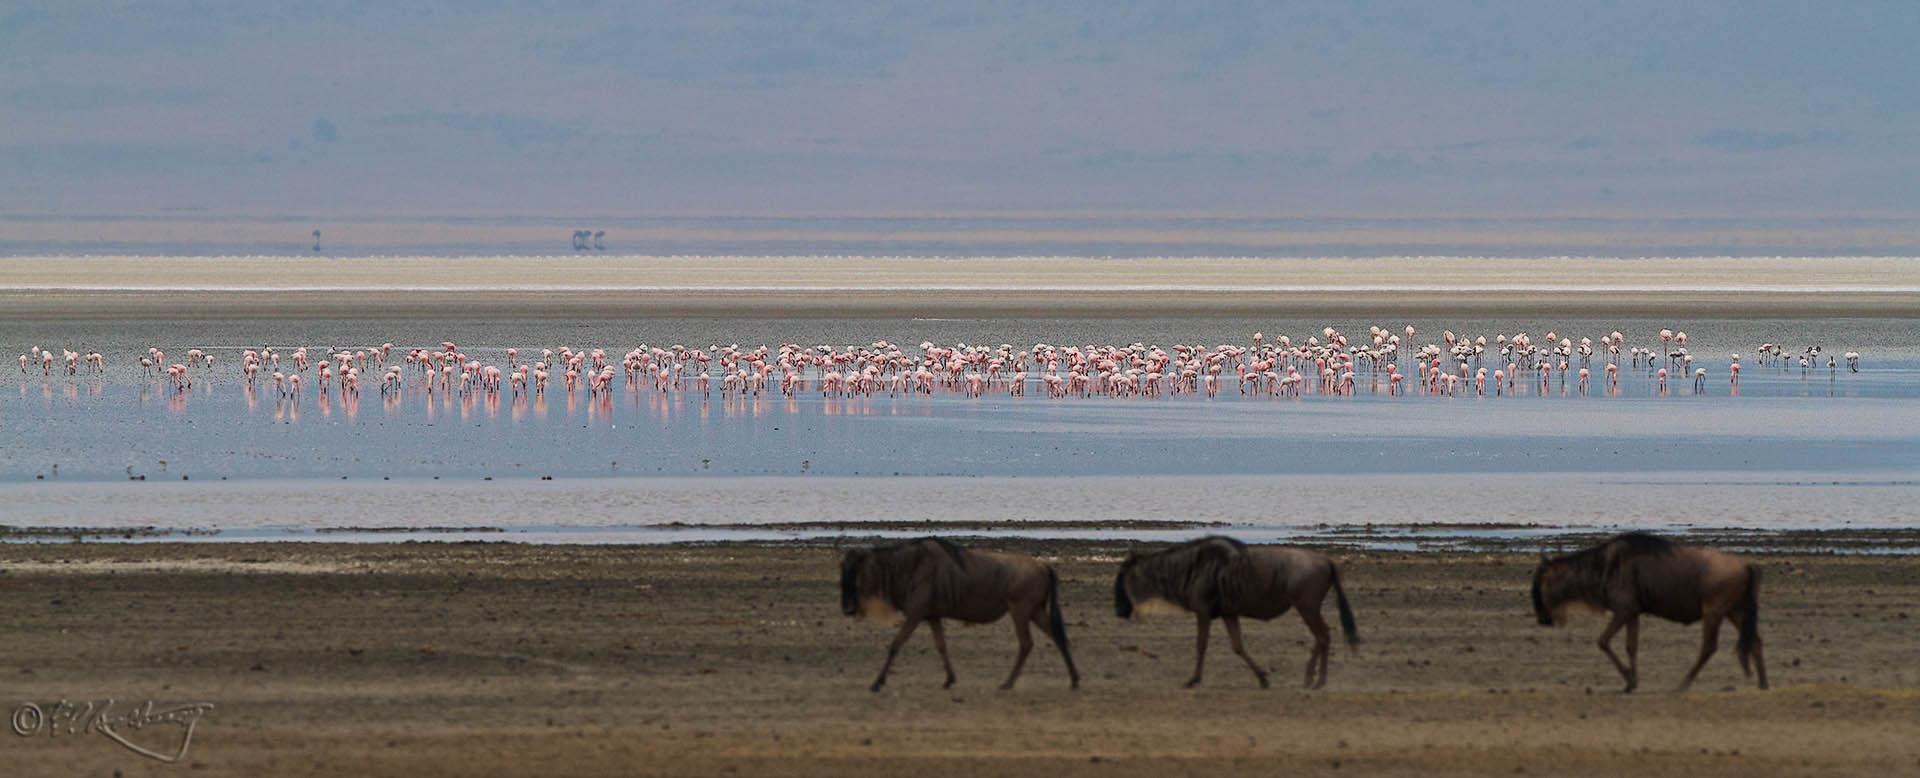 Flamingos_on_Ngorogoro_soda_lake